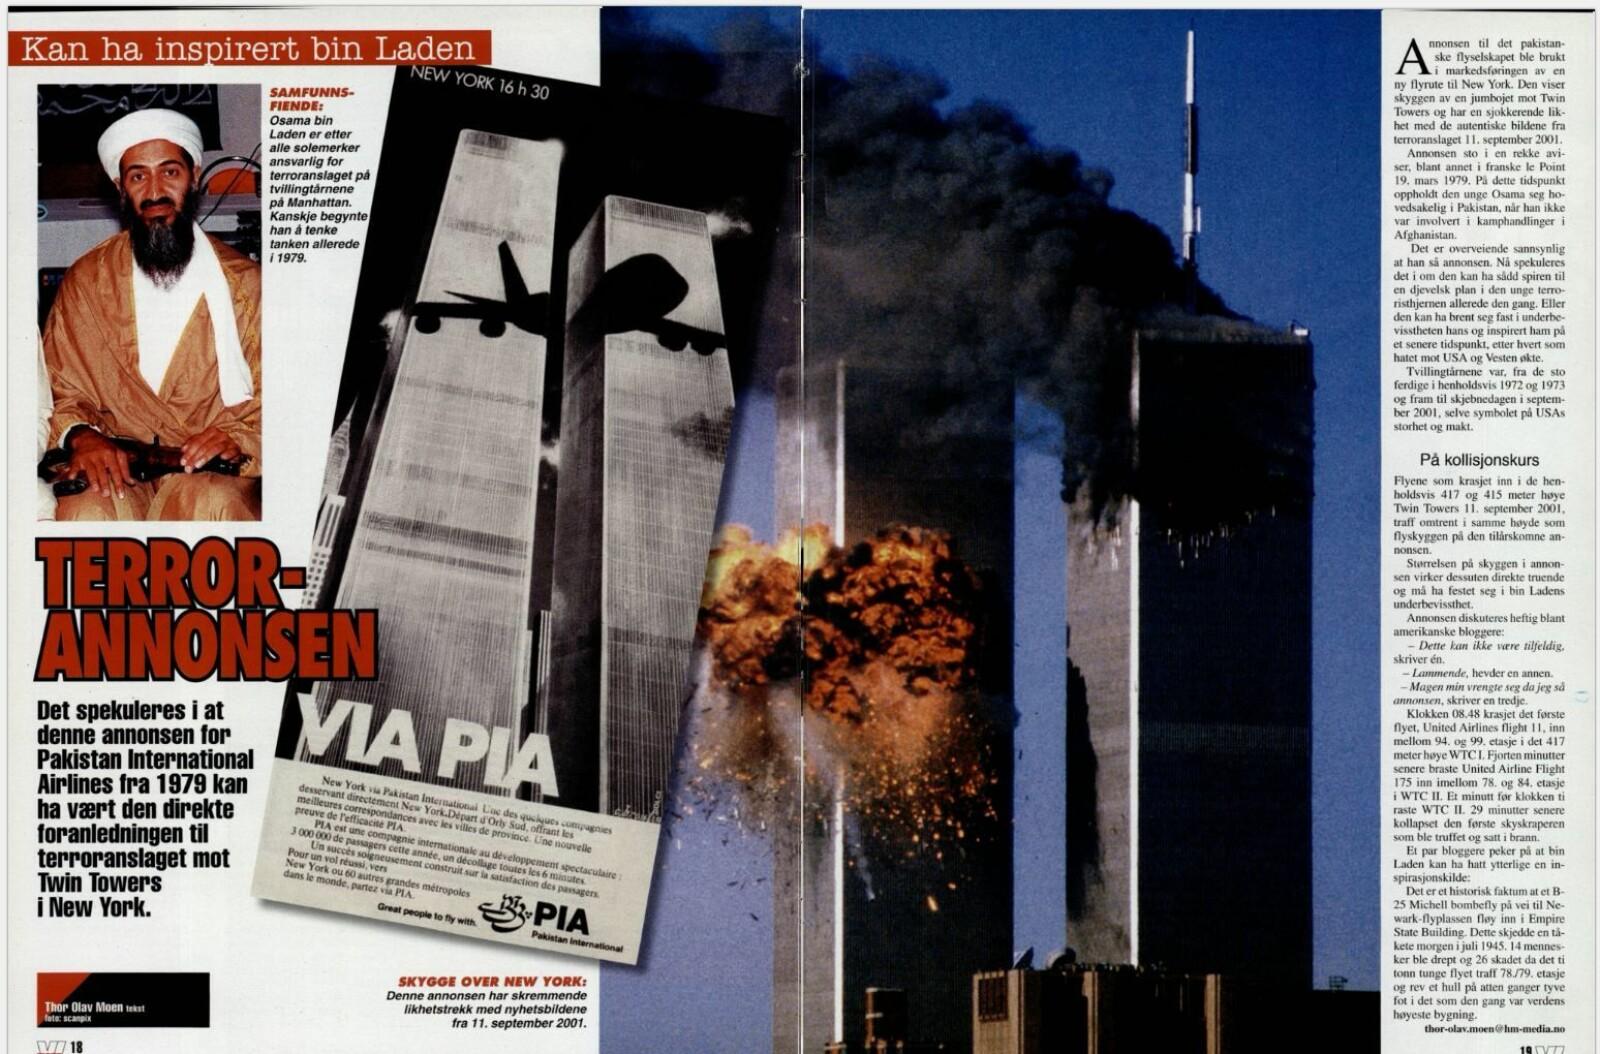 <b>INSPIRASJONSKILDEN:</b> Flere hevdet at Osama bin Laden kunne ha blitt inspirert av en annonse fra Pakistan International Airlines, PIA.